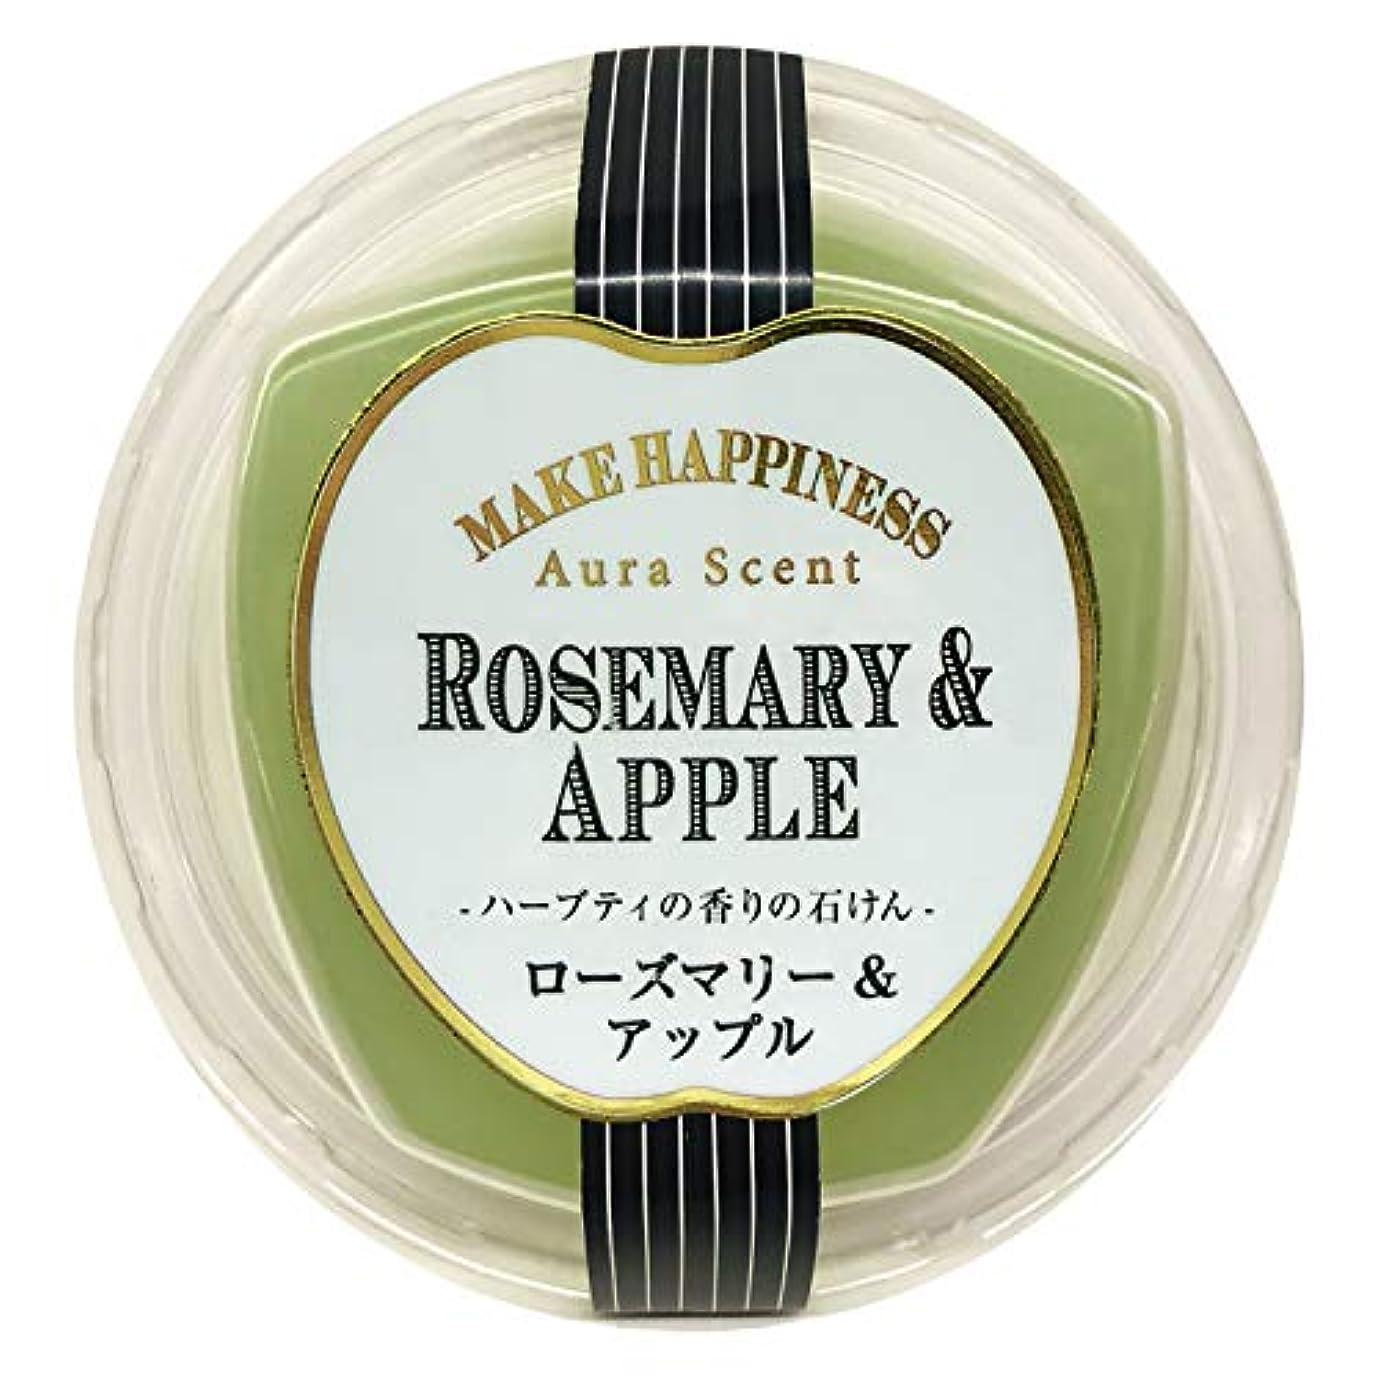 パット災難圧倒的ペリカン石鹸 オーラセント クリアソープ ローズマリー&アップル 75g